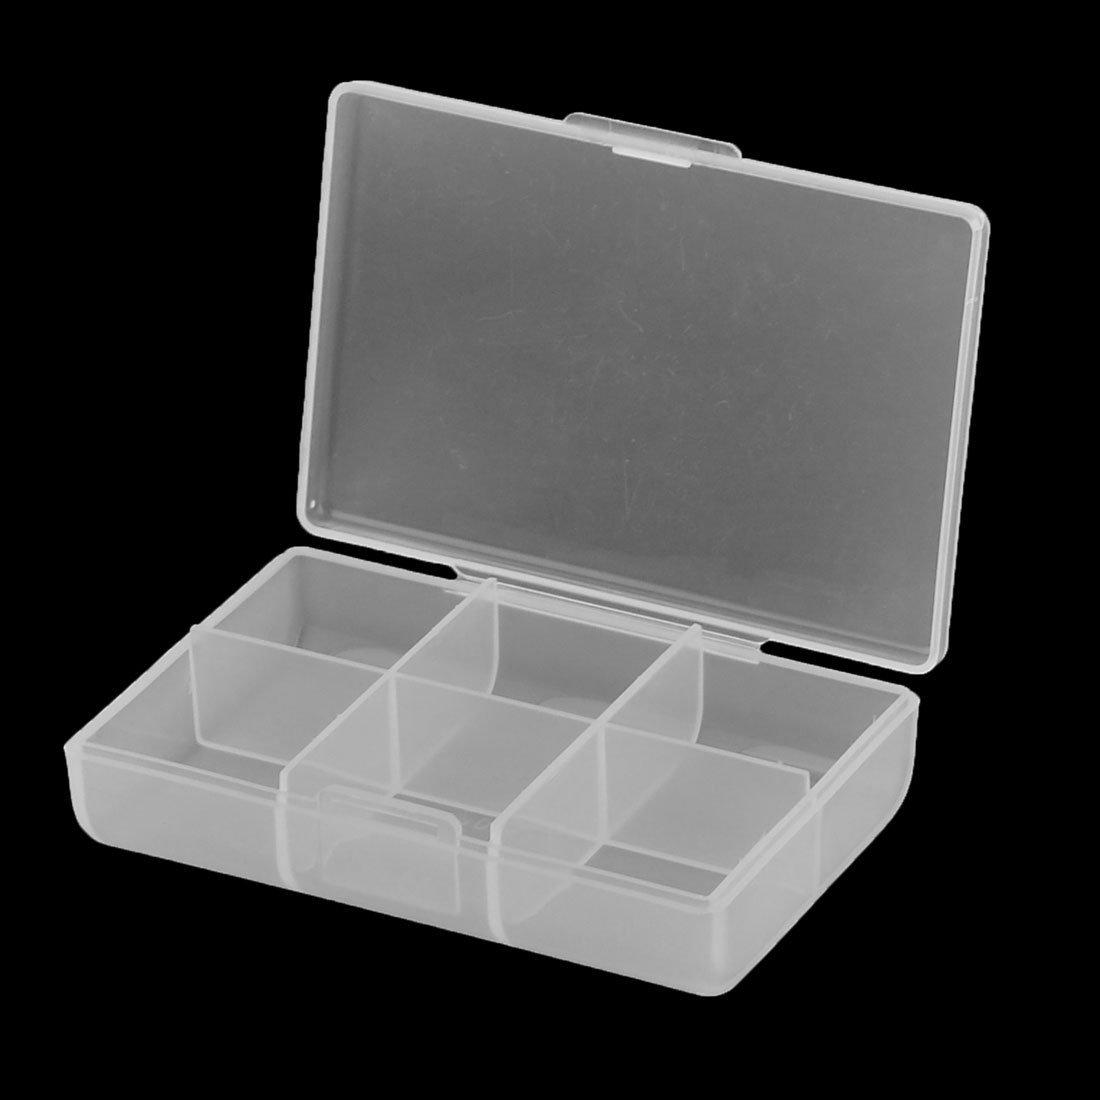 Caja eDealMax piezas de plástico componente de almacenamiento del caso del elemento 2pcs Claro - - Amazon.com